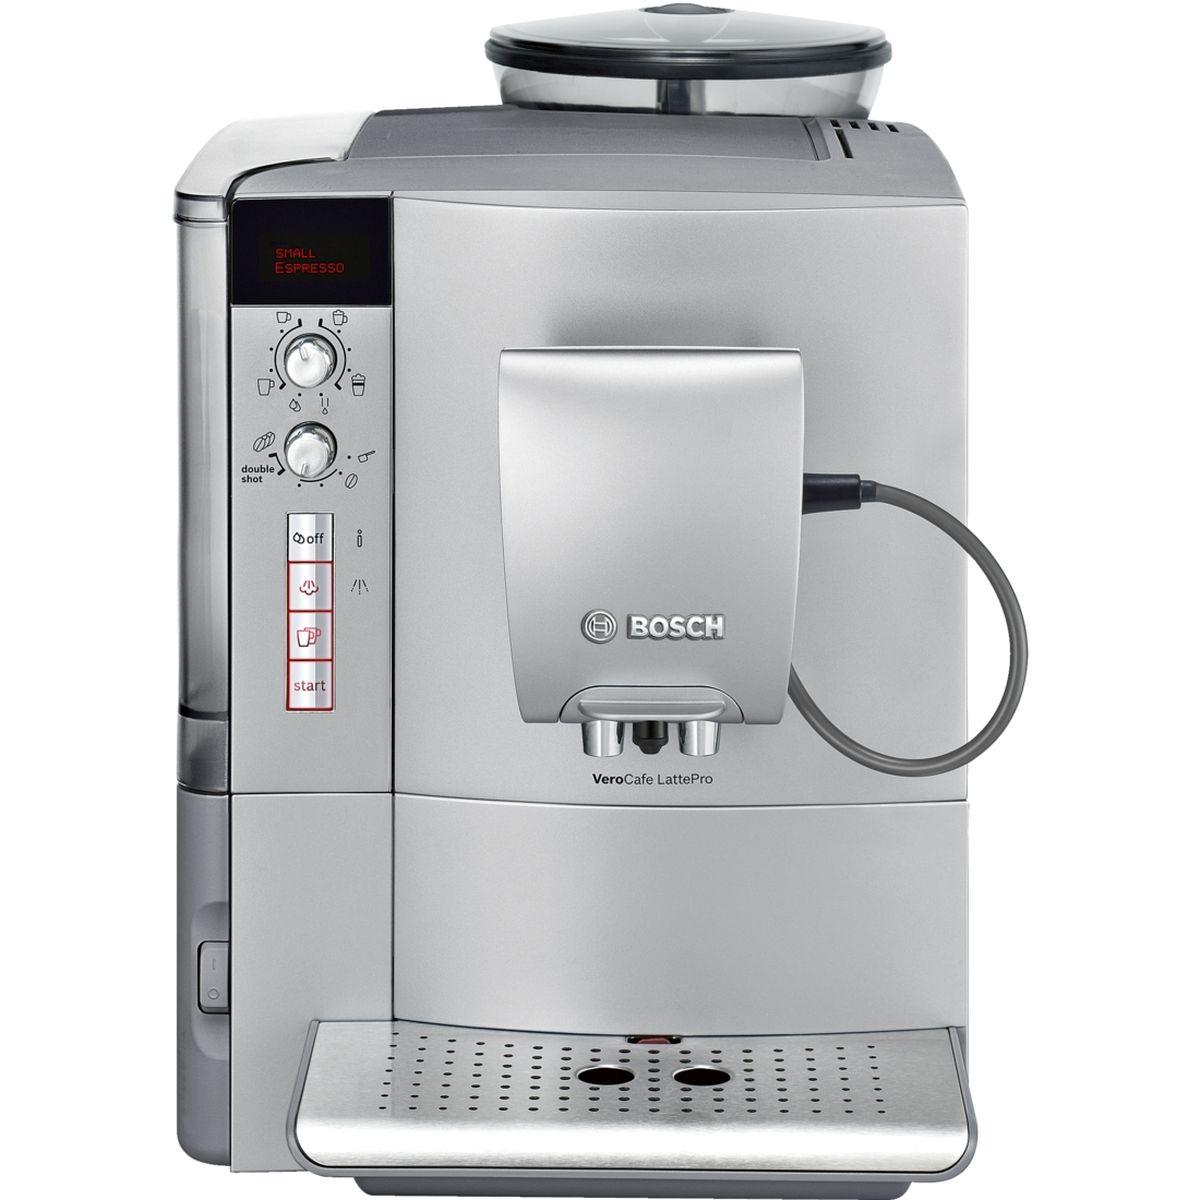 Bosch TES51521RW, Silver кофемашинаTES51521RWBosch TES51521RW - это полностью автоматическая кофемашина. С помощью верхнего поворотного переключателя устанавливается тип напитка, например, эспрессо. Затем с помощью нижнего переключателя устанавливается его крепость. Чтобы наслаждение кофейными напитками длилось как можно дольше, Bosch предлагает специальную функции очистки кофемашины от накипи и масел. Просто активируйте функцию CalcnClean, используя специальные средства по уходу и чистке кофемашин.